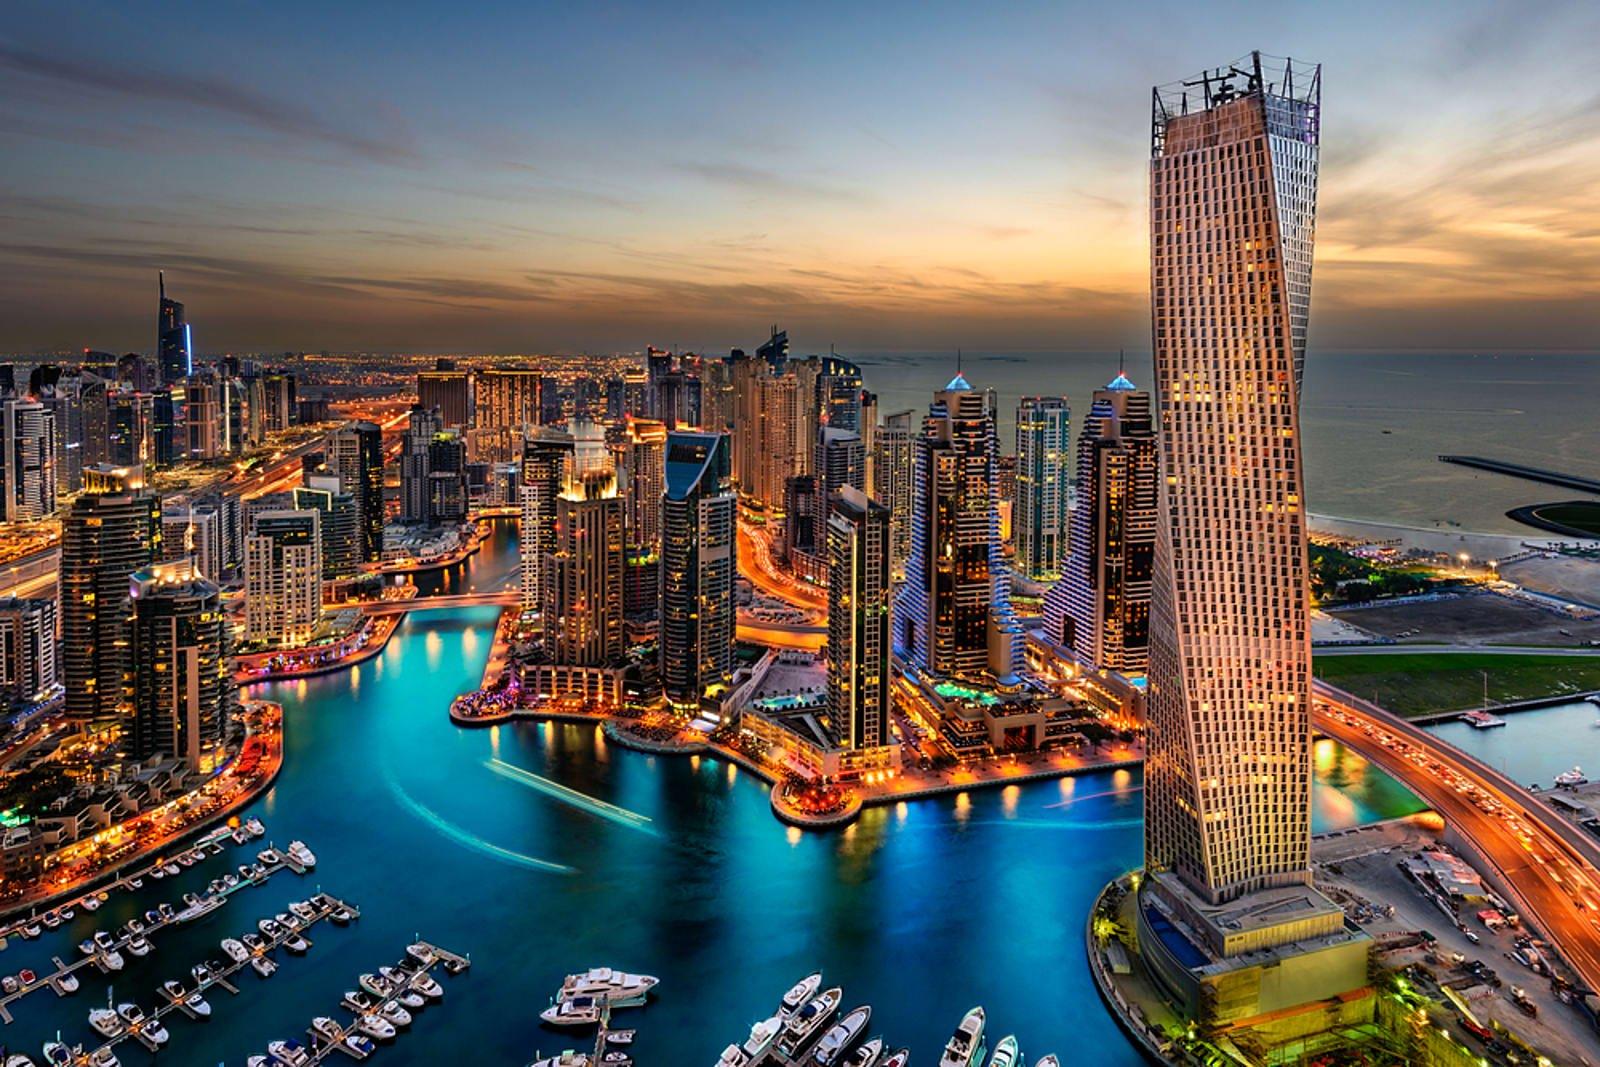 صورة دبي أصبحت ملاذاً للسياح في ظل إغلاق أوروبا